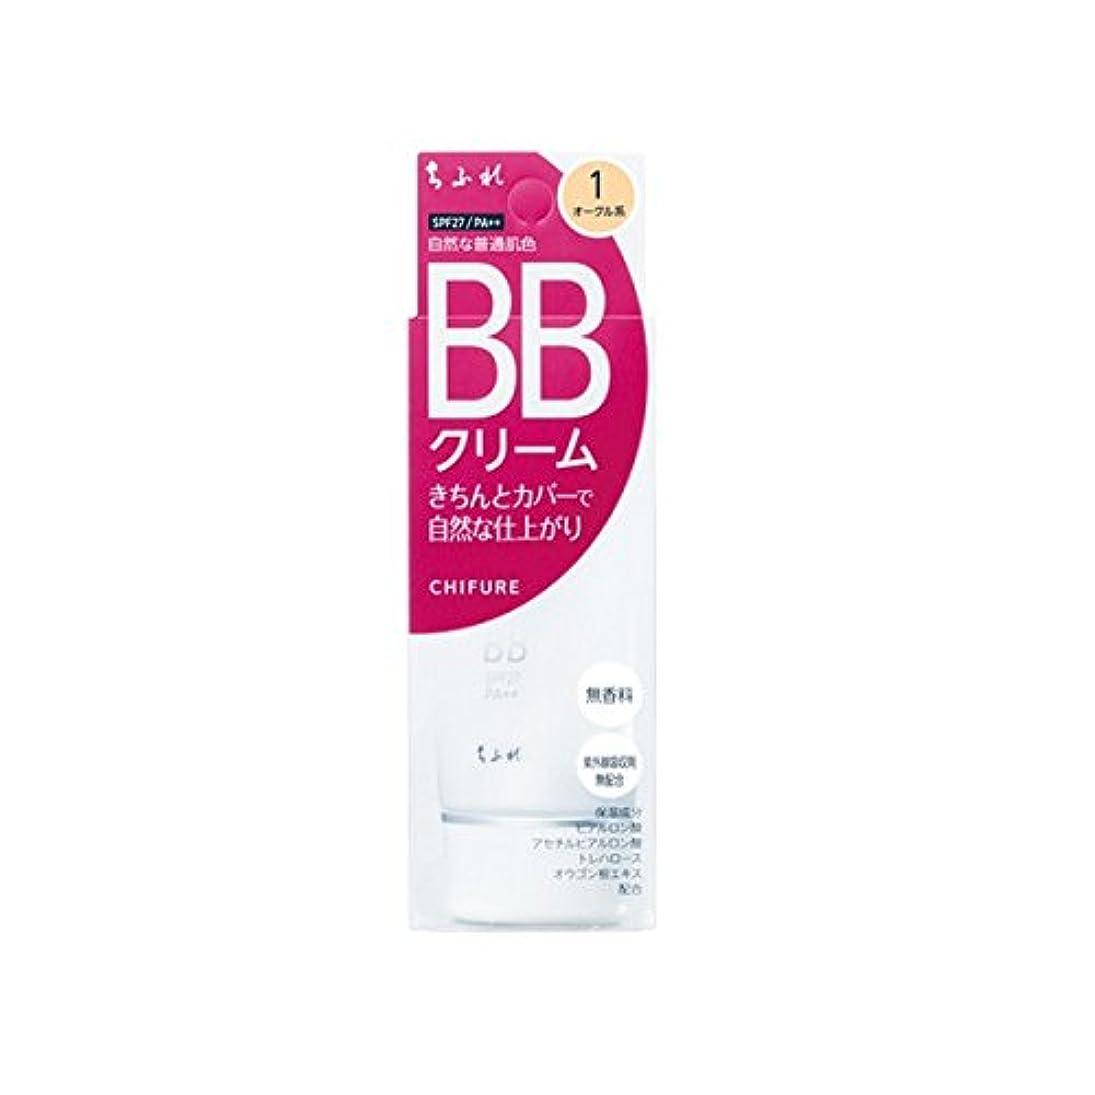 しみ丈夫かみそりちふれ化粧品 BB クリーム 1 自然な普通肌色 BBクリーム 1